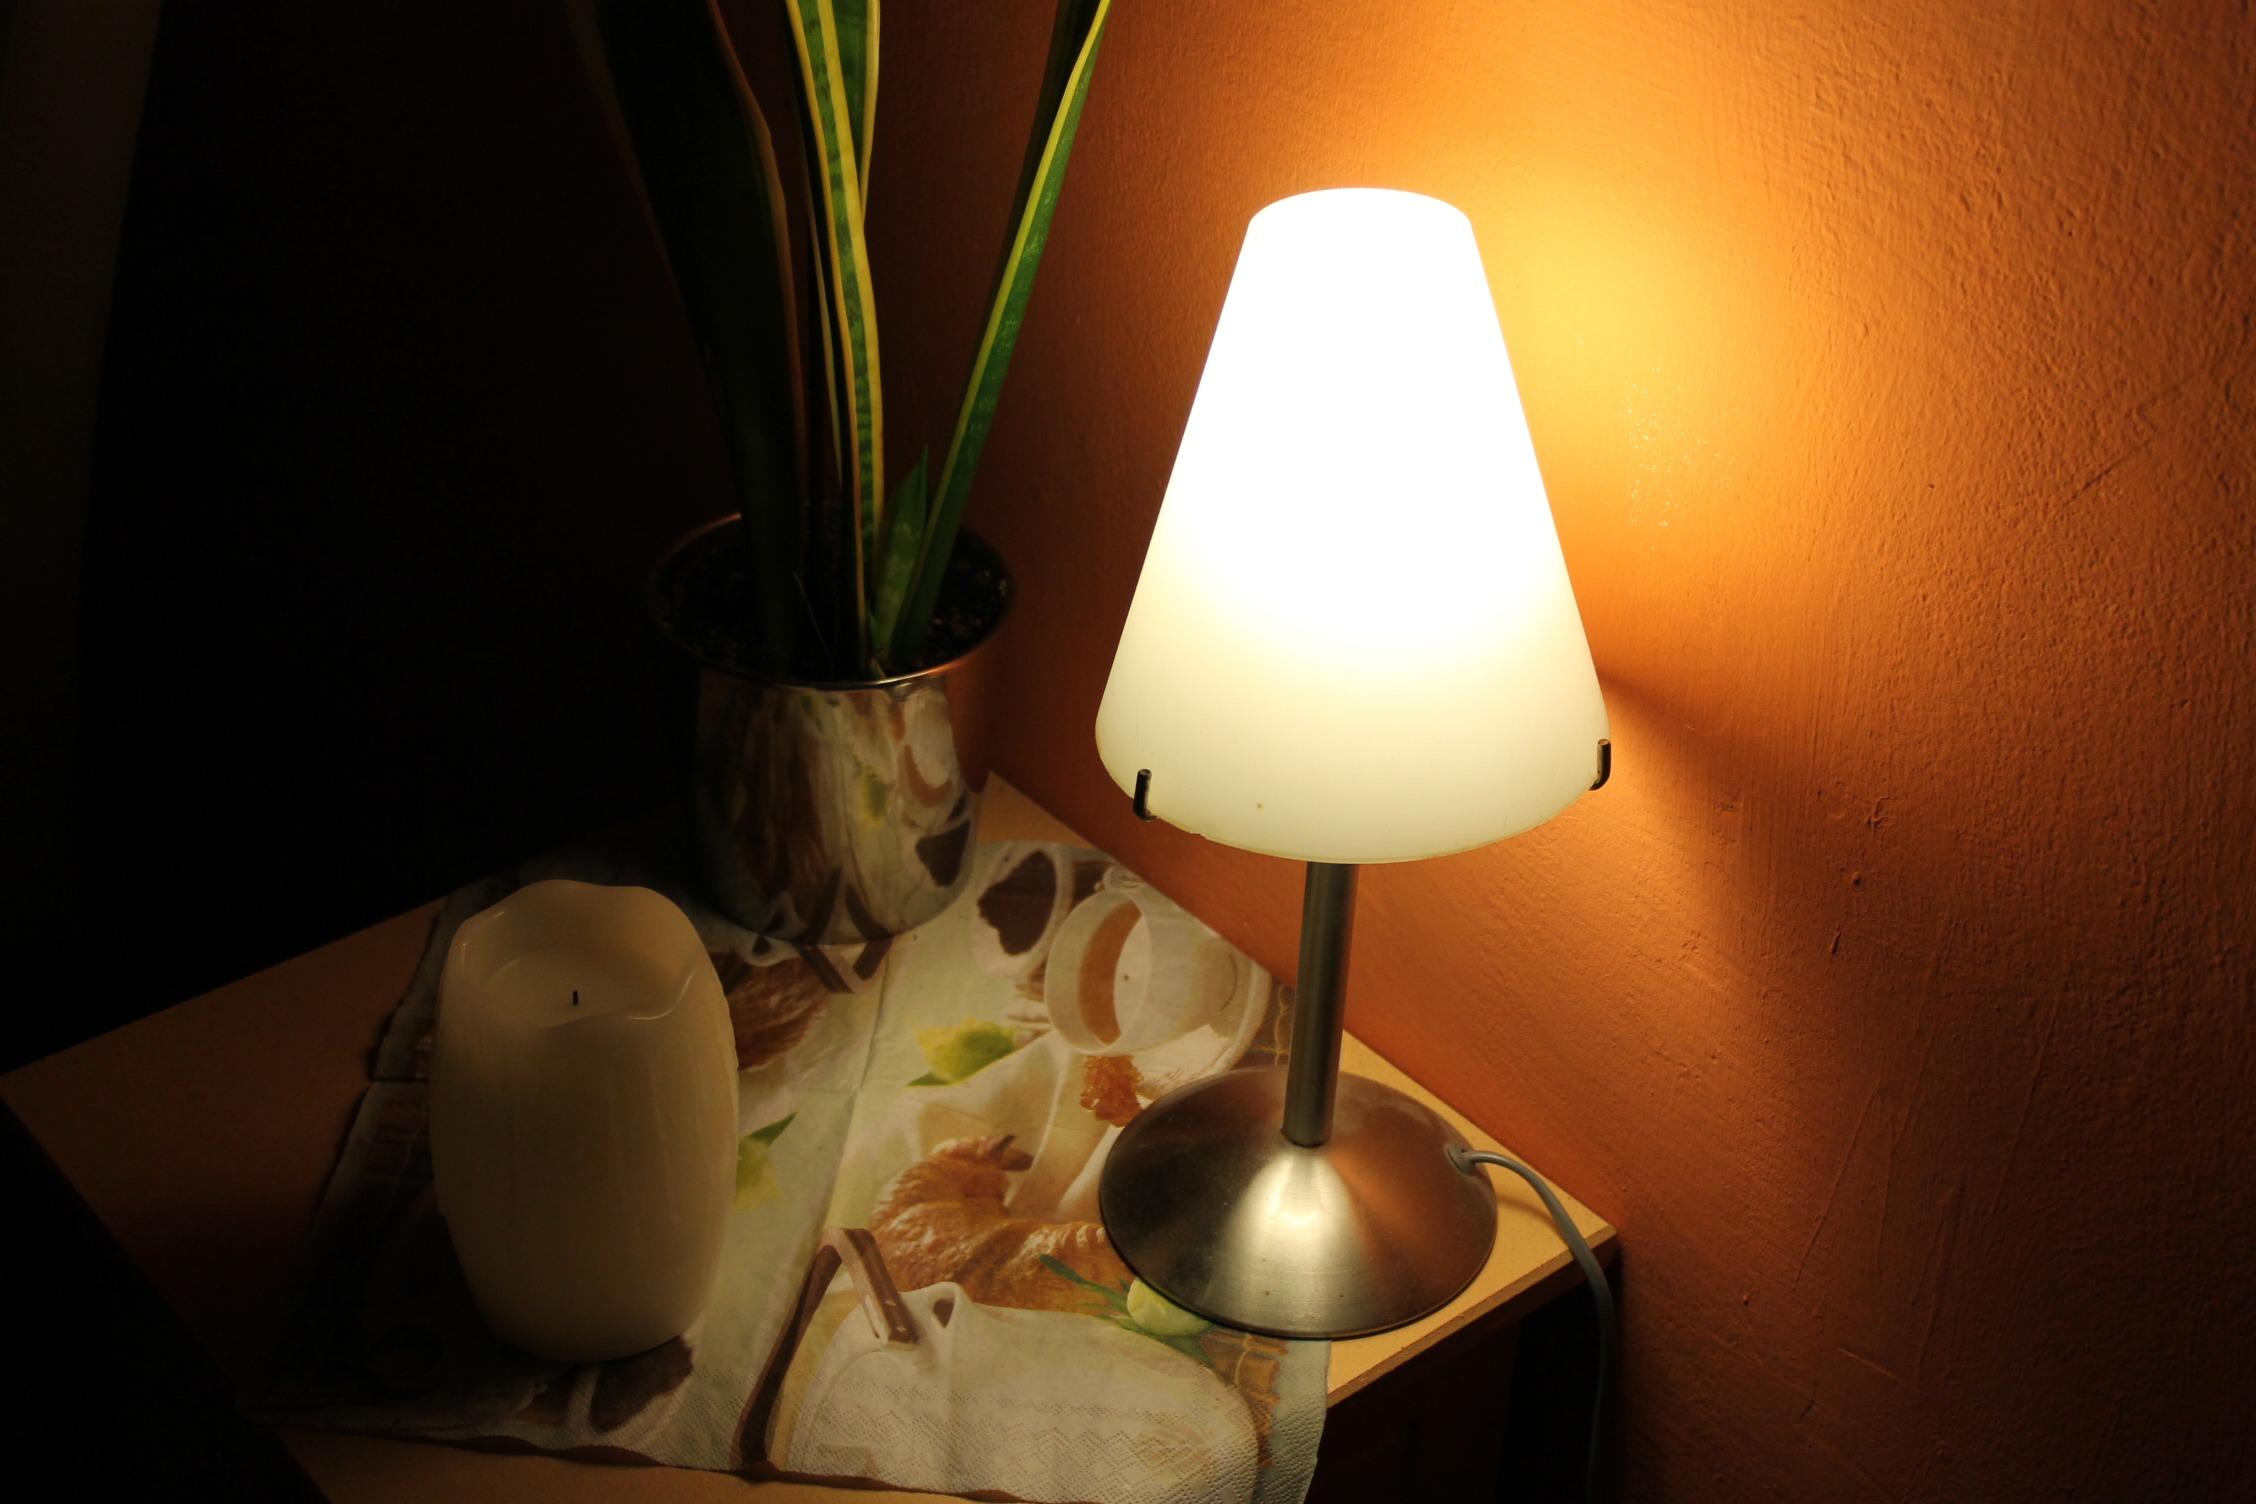 무료 이미지 : 빛, 화이트, 분위기, 색깔, 노랑, 양초, 조명 ...